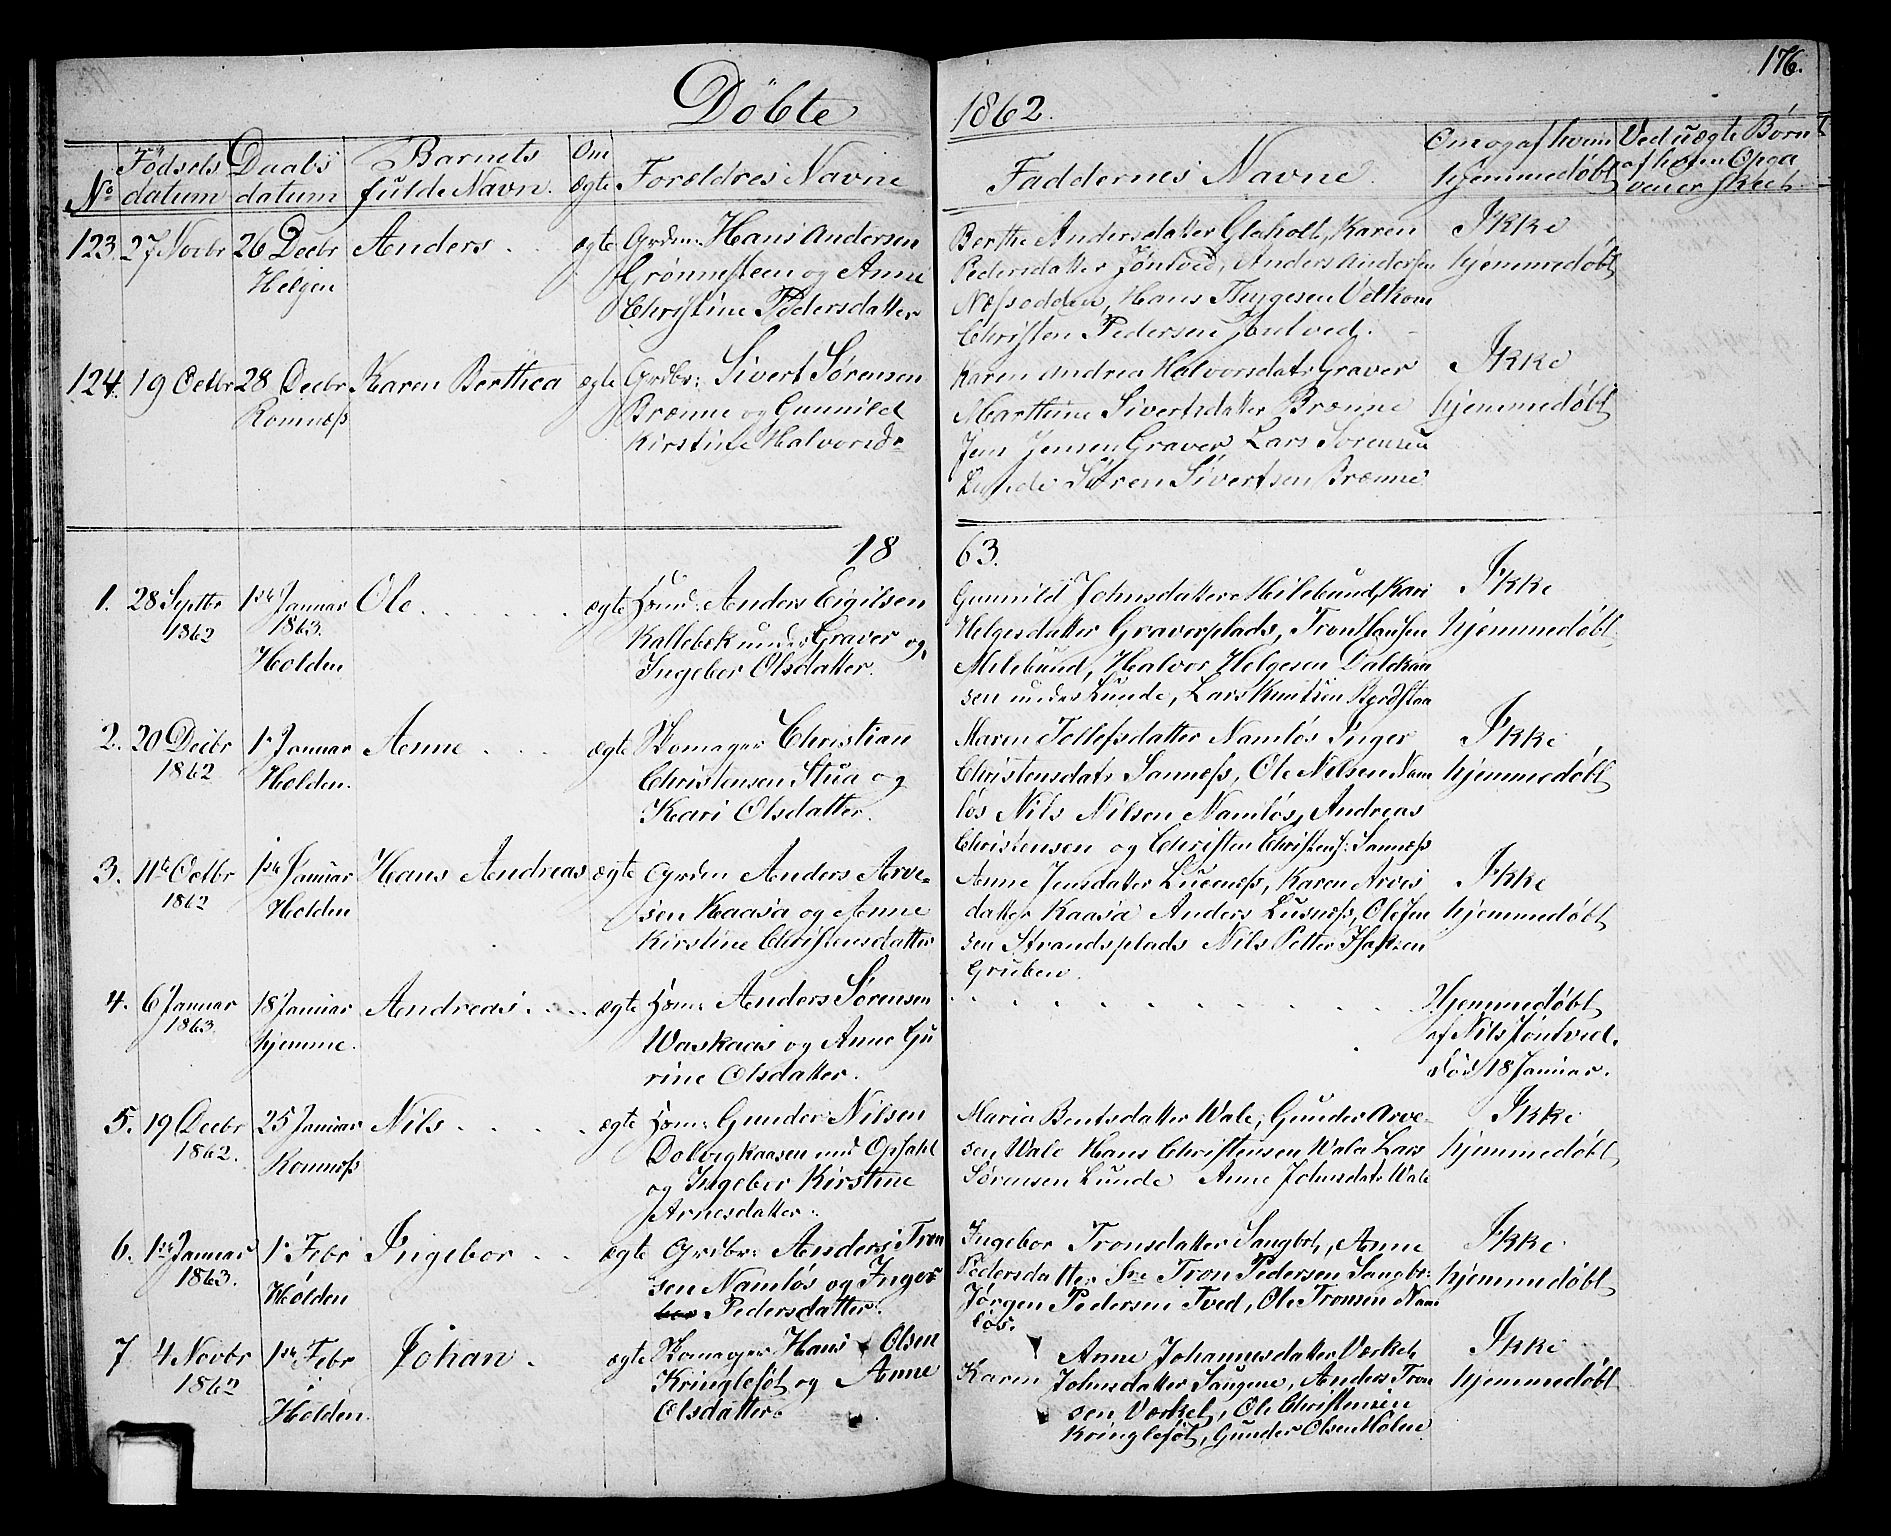 SAKO, Holla kirkebøker, G/Ga/L0003: Klokkerbok nr. I 3, 1849-1866, s. 176